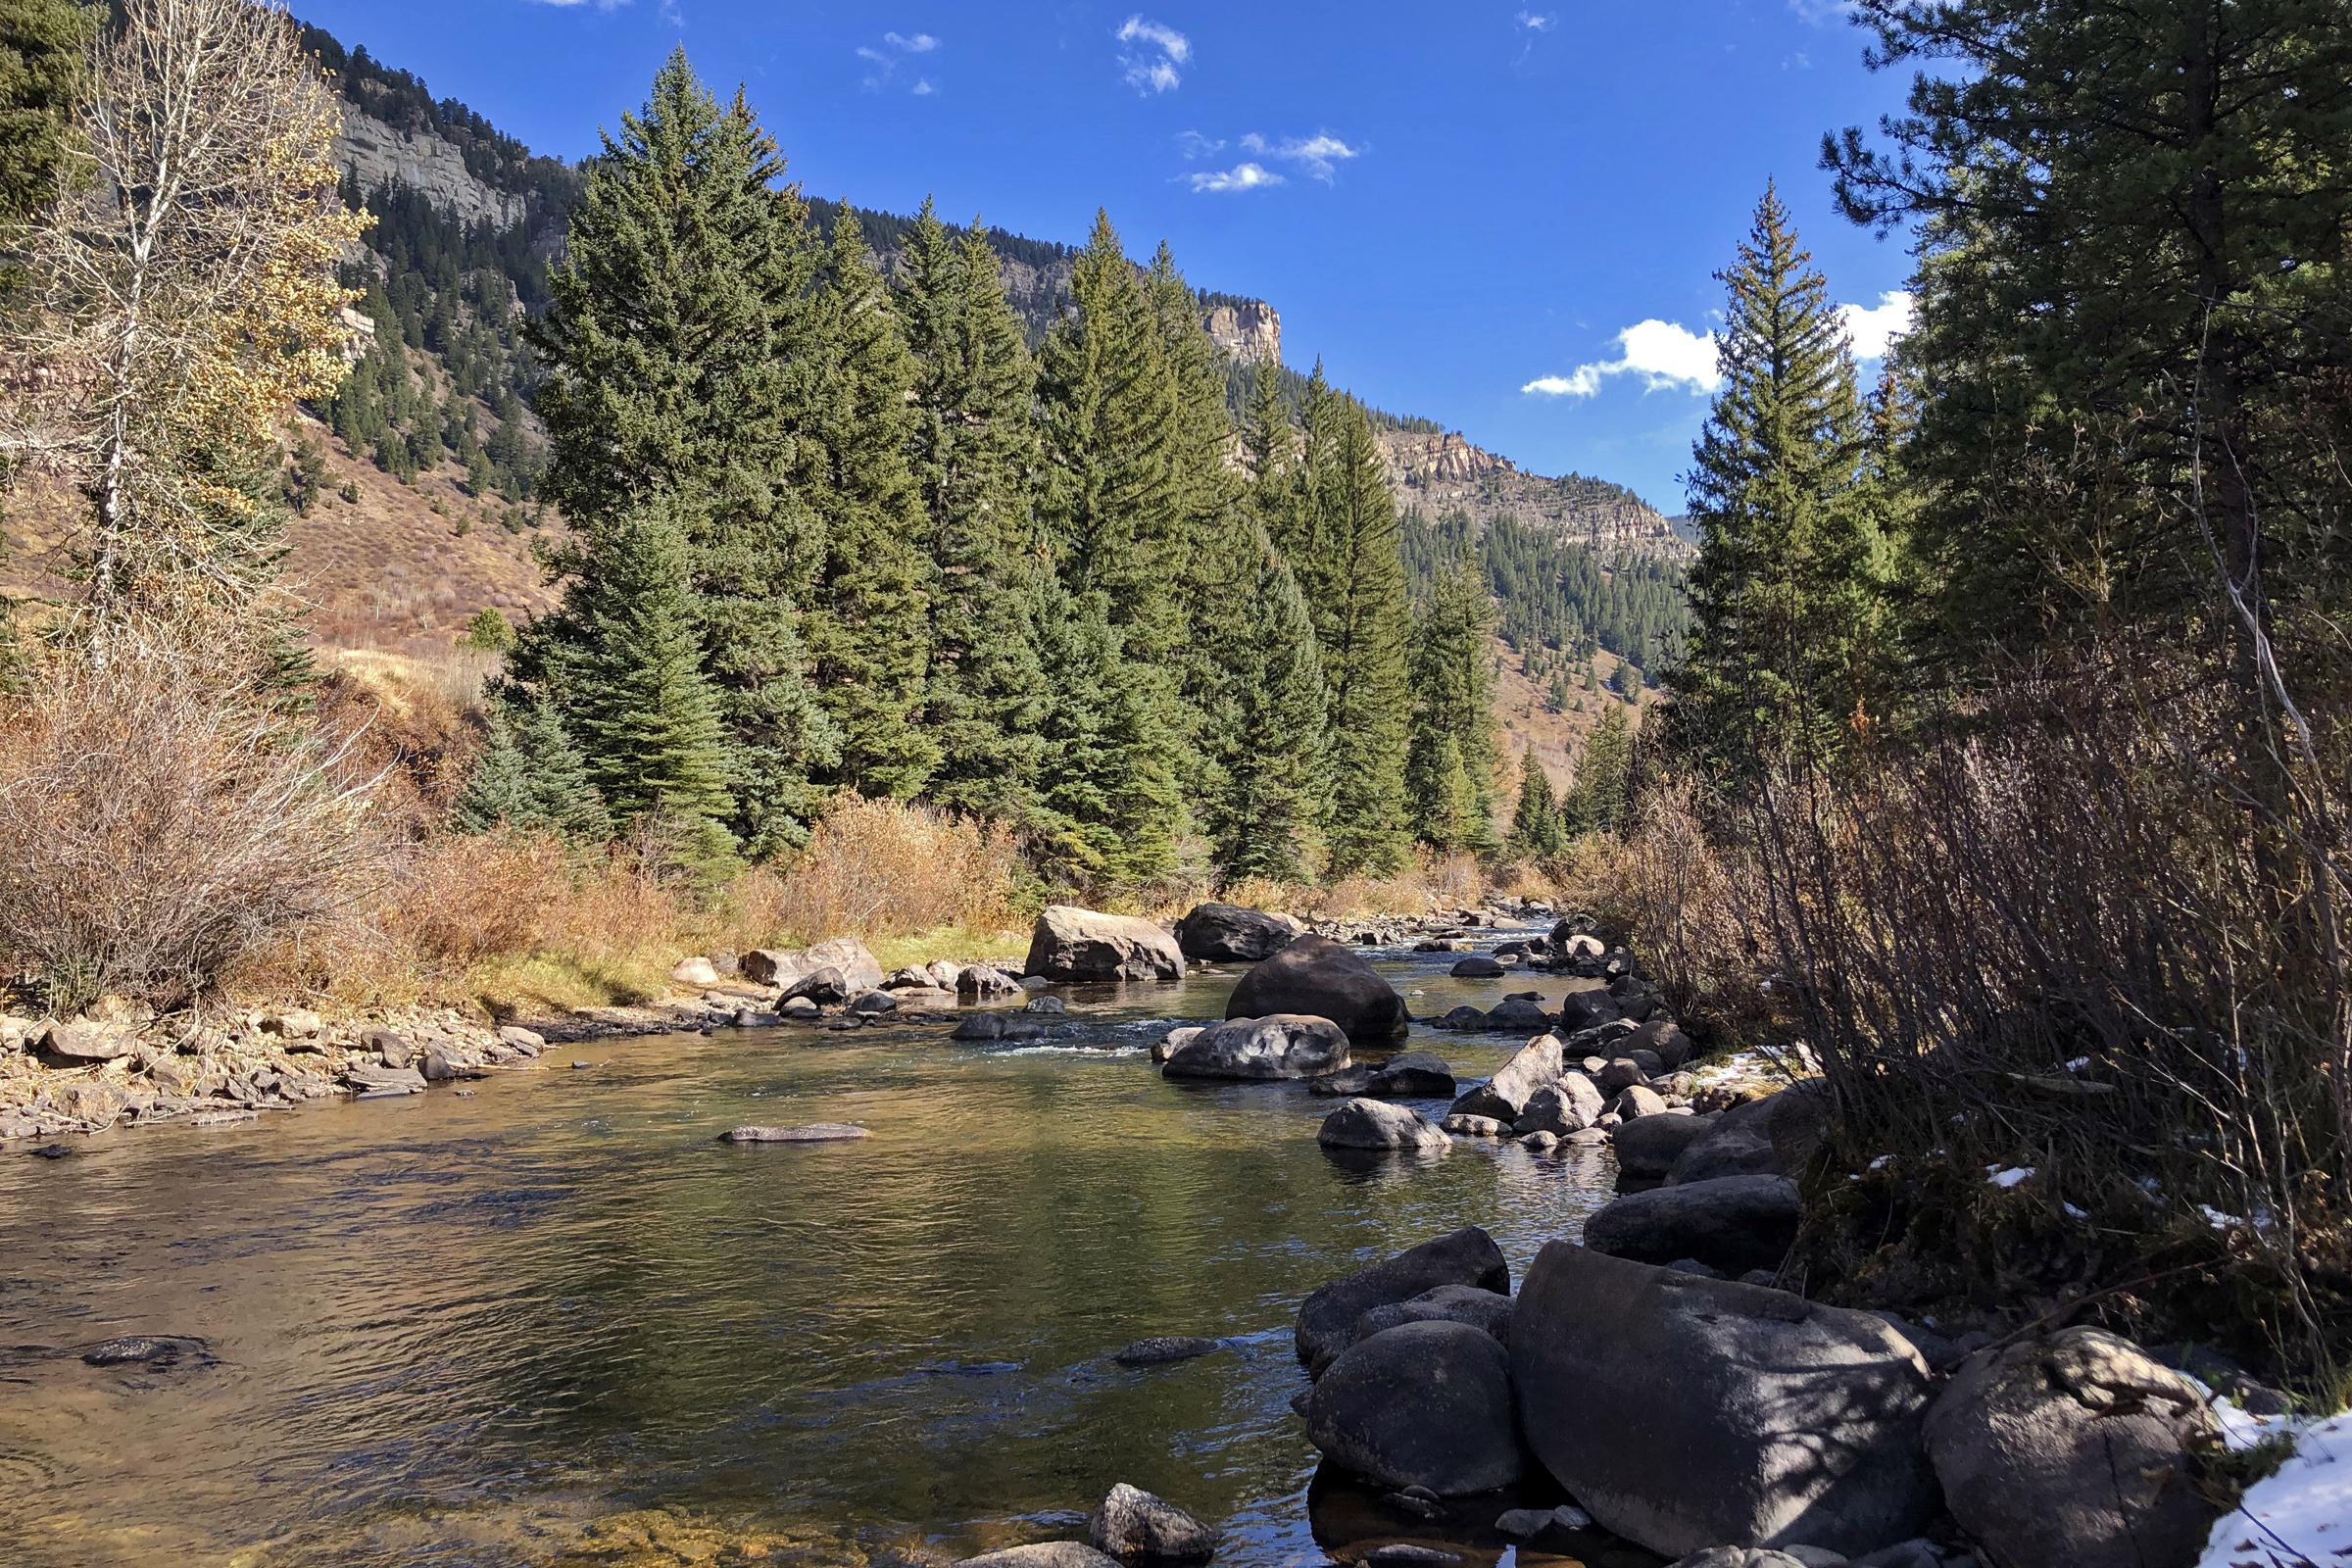 Eagle River at The Boneyard